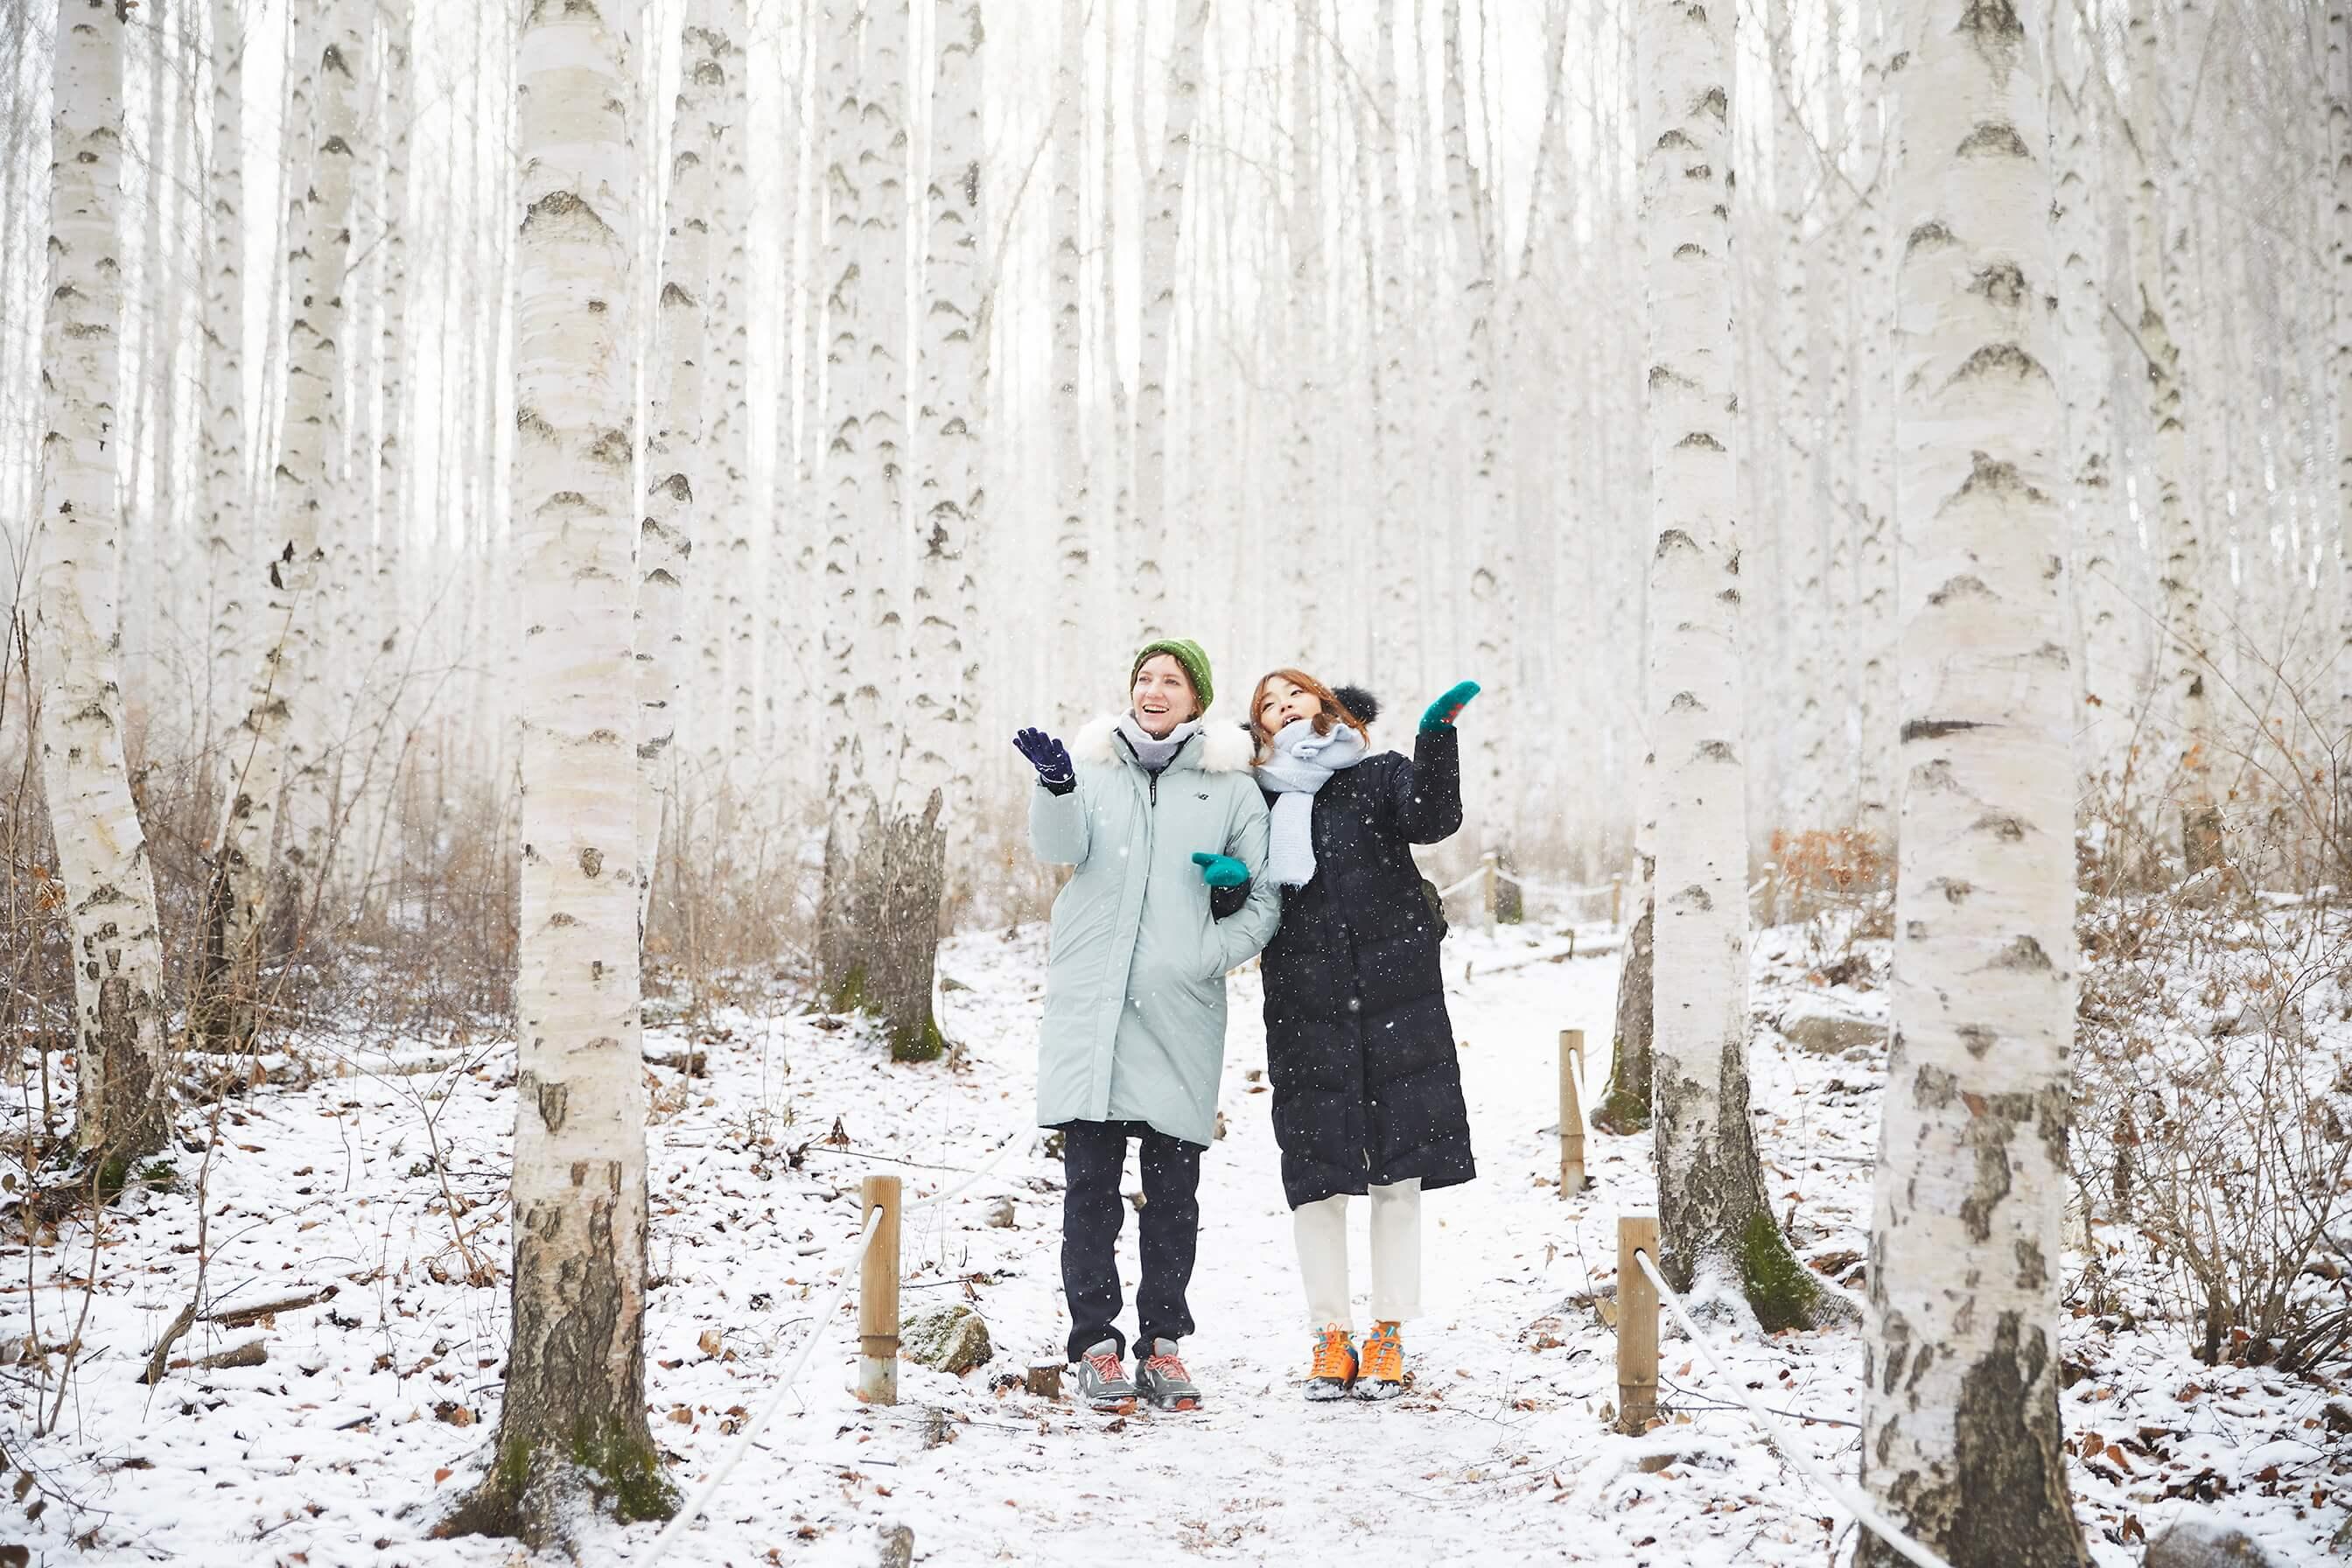 Hasil Akhir Relive Your Korea Trip Korean Travel Memory Event